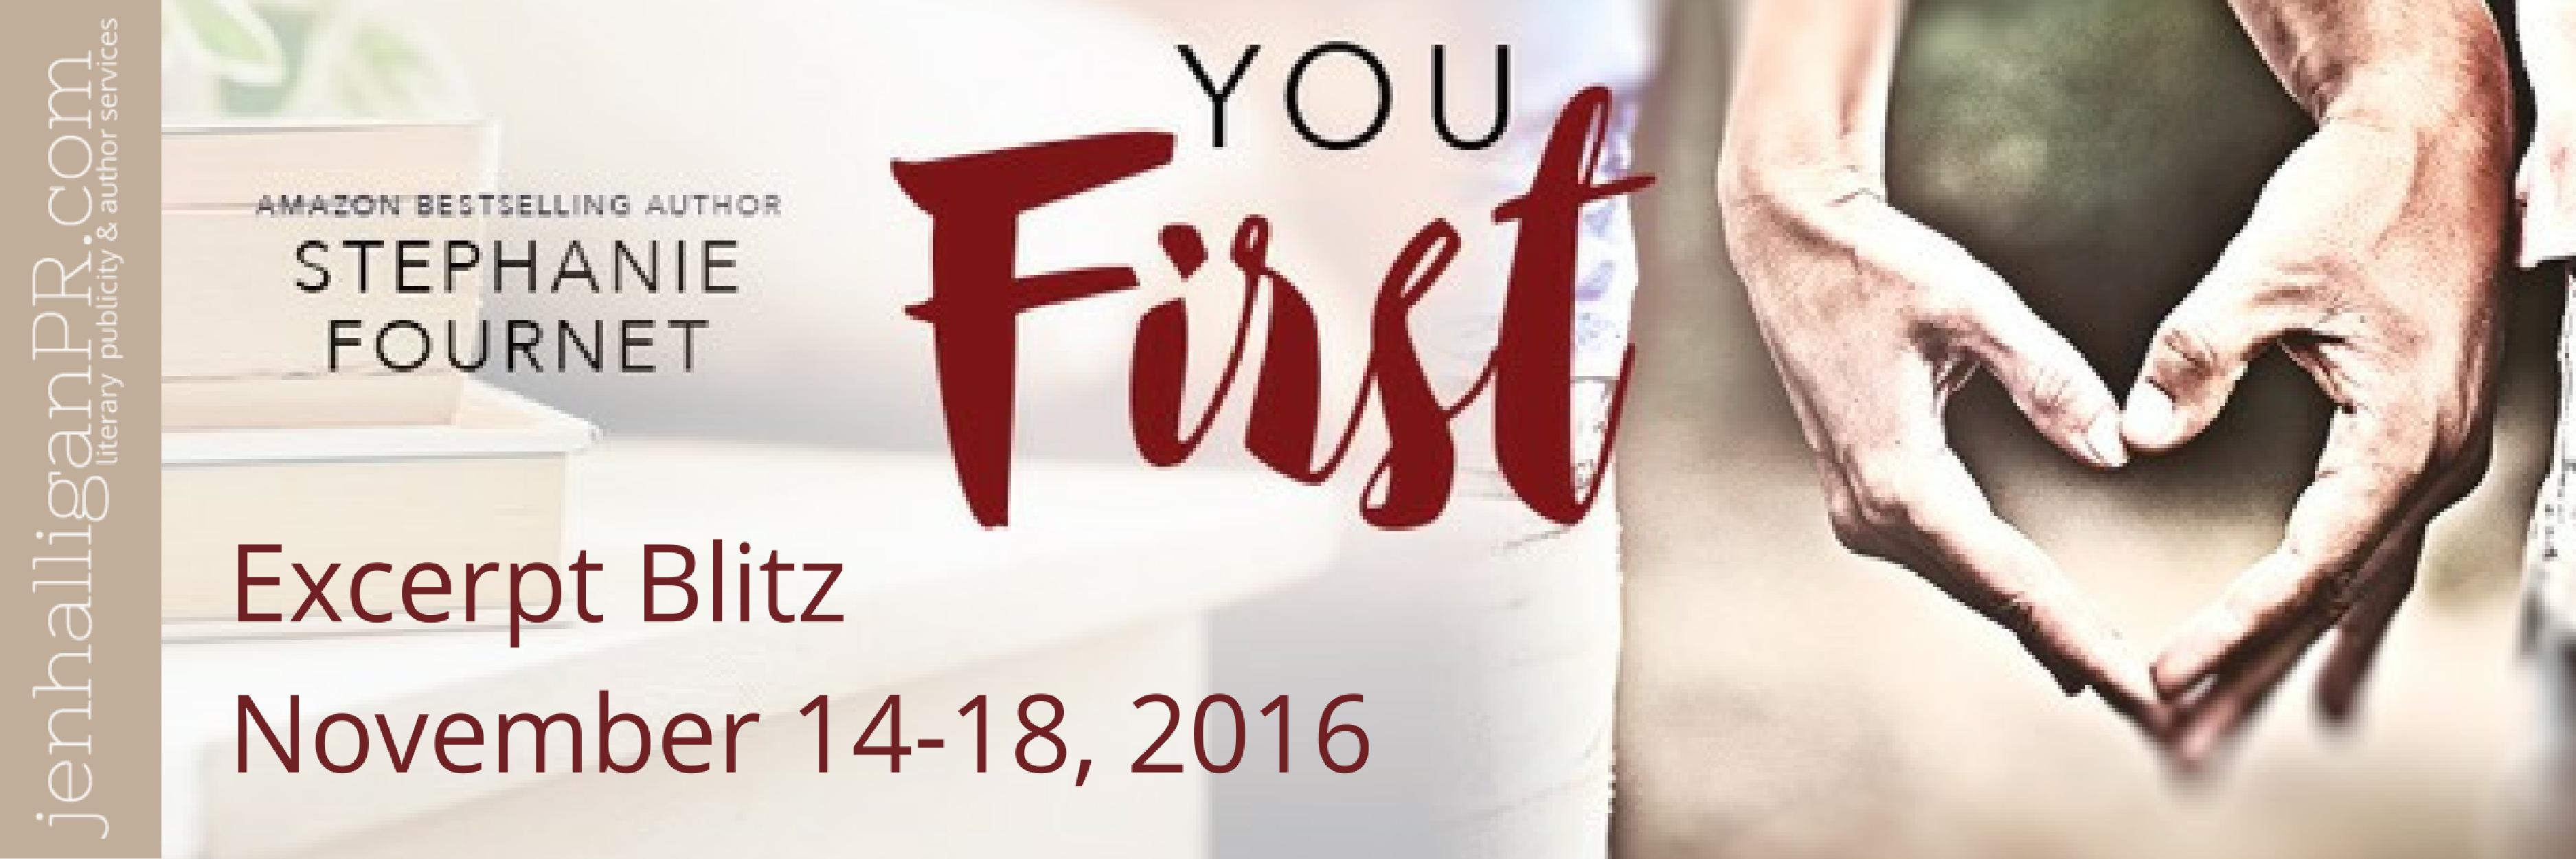 YOU FIRST by Stephanie Fournet   JenHalliganPR.com